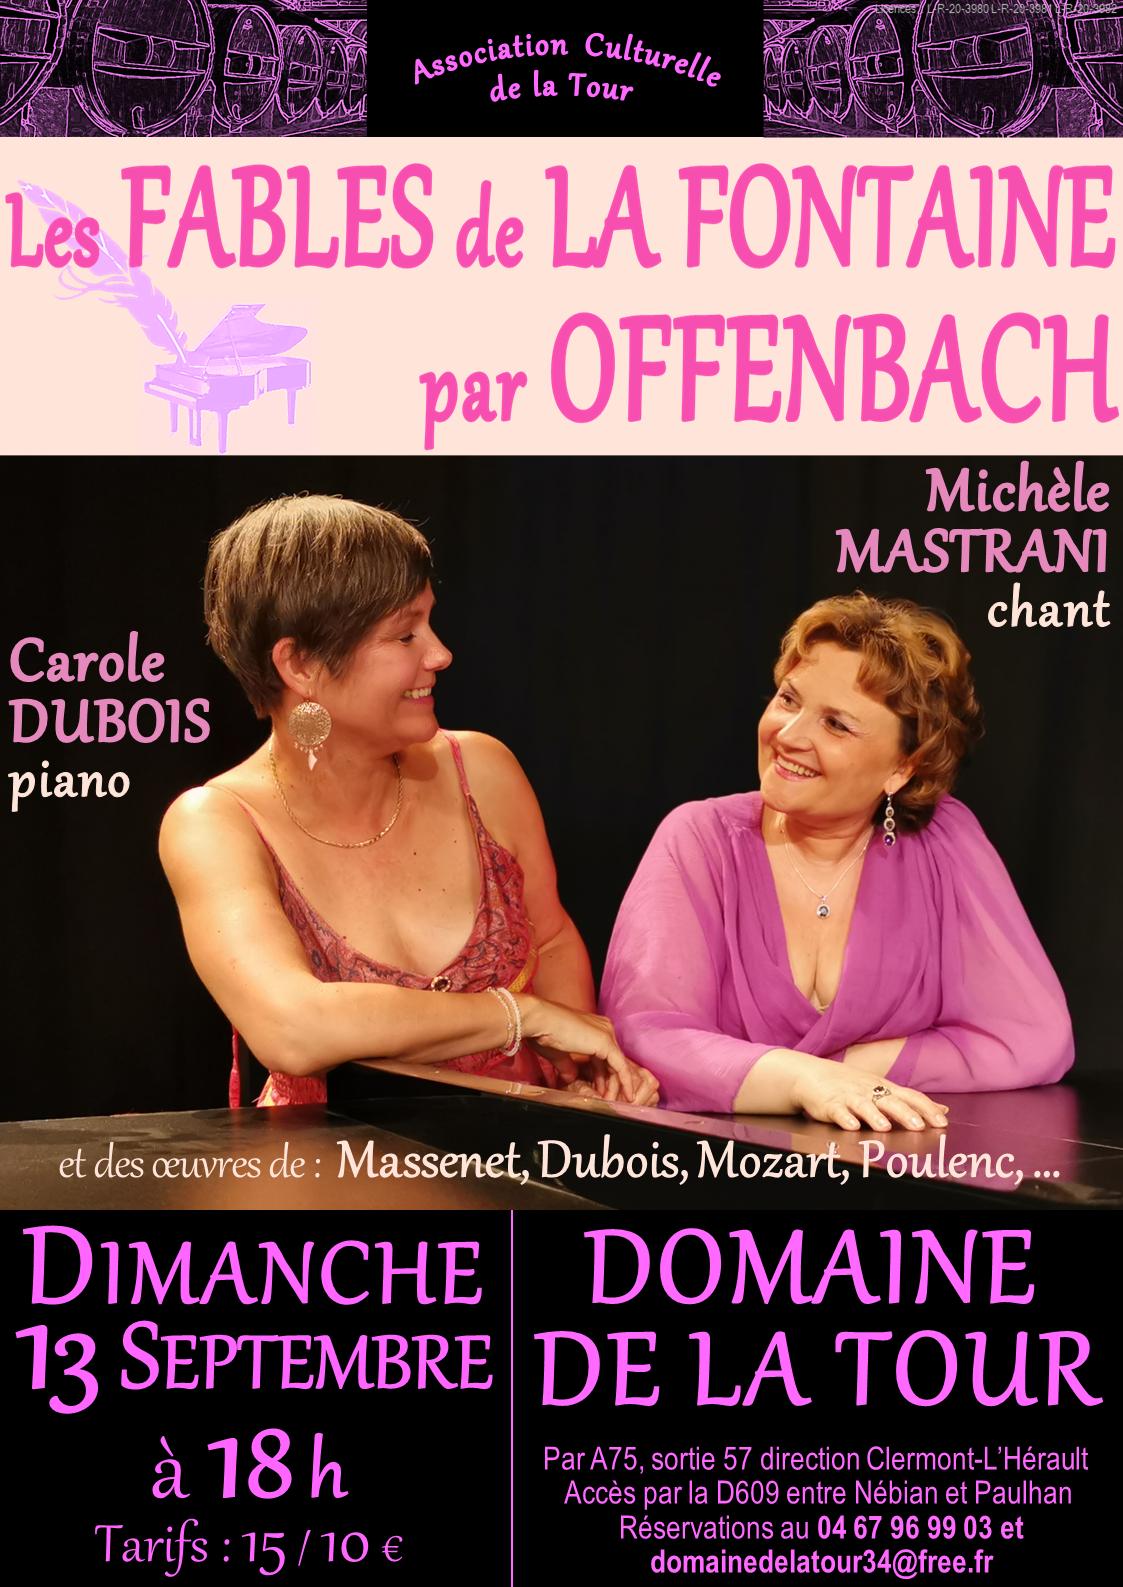 Récital chant-piano, Fables de la Fontaine mises en musique par Offenbach, dimanche 13 septembre à 18h00